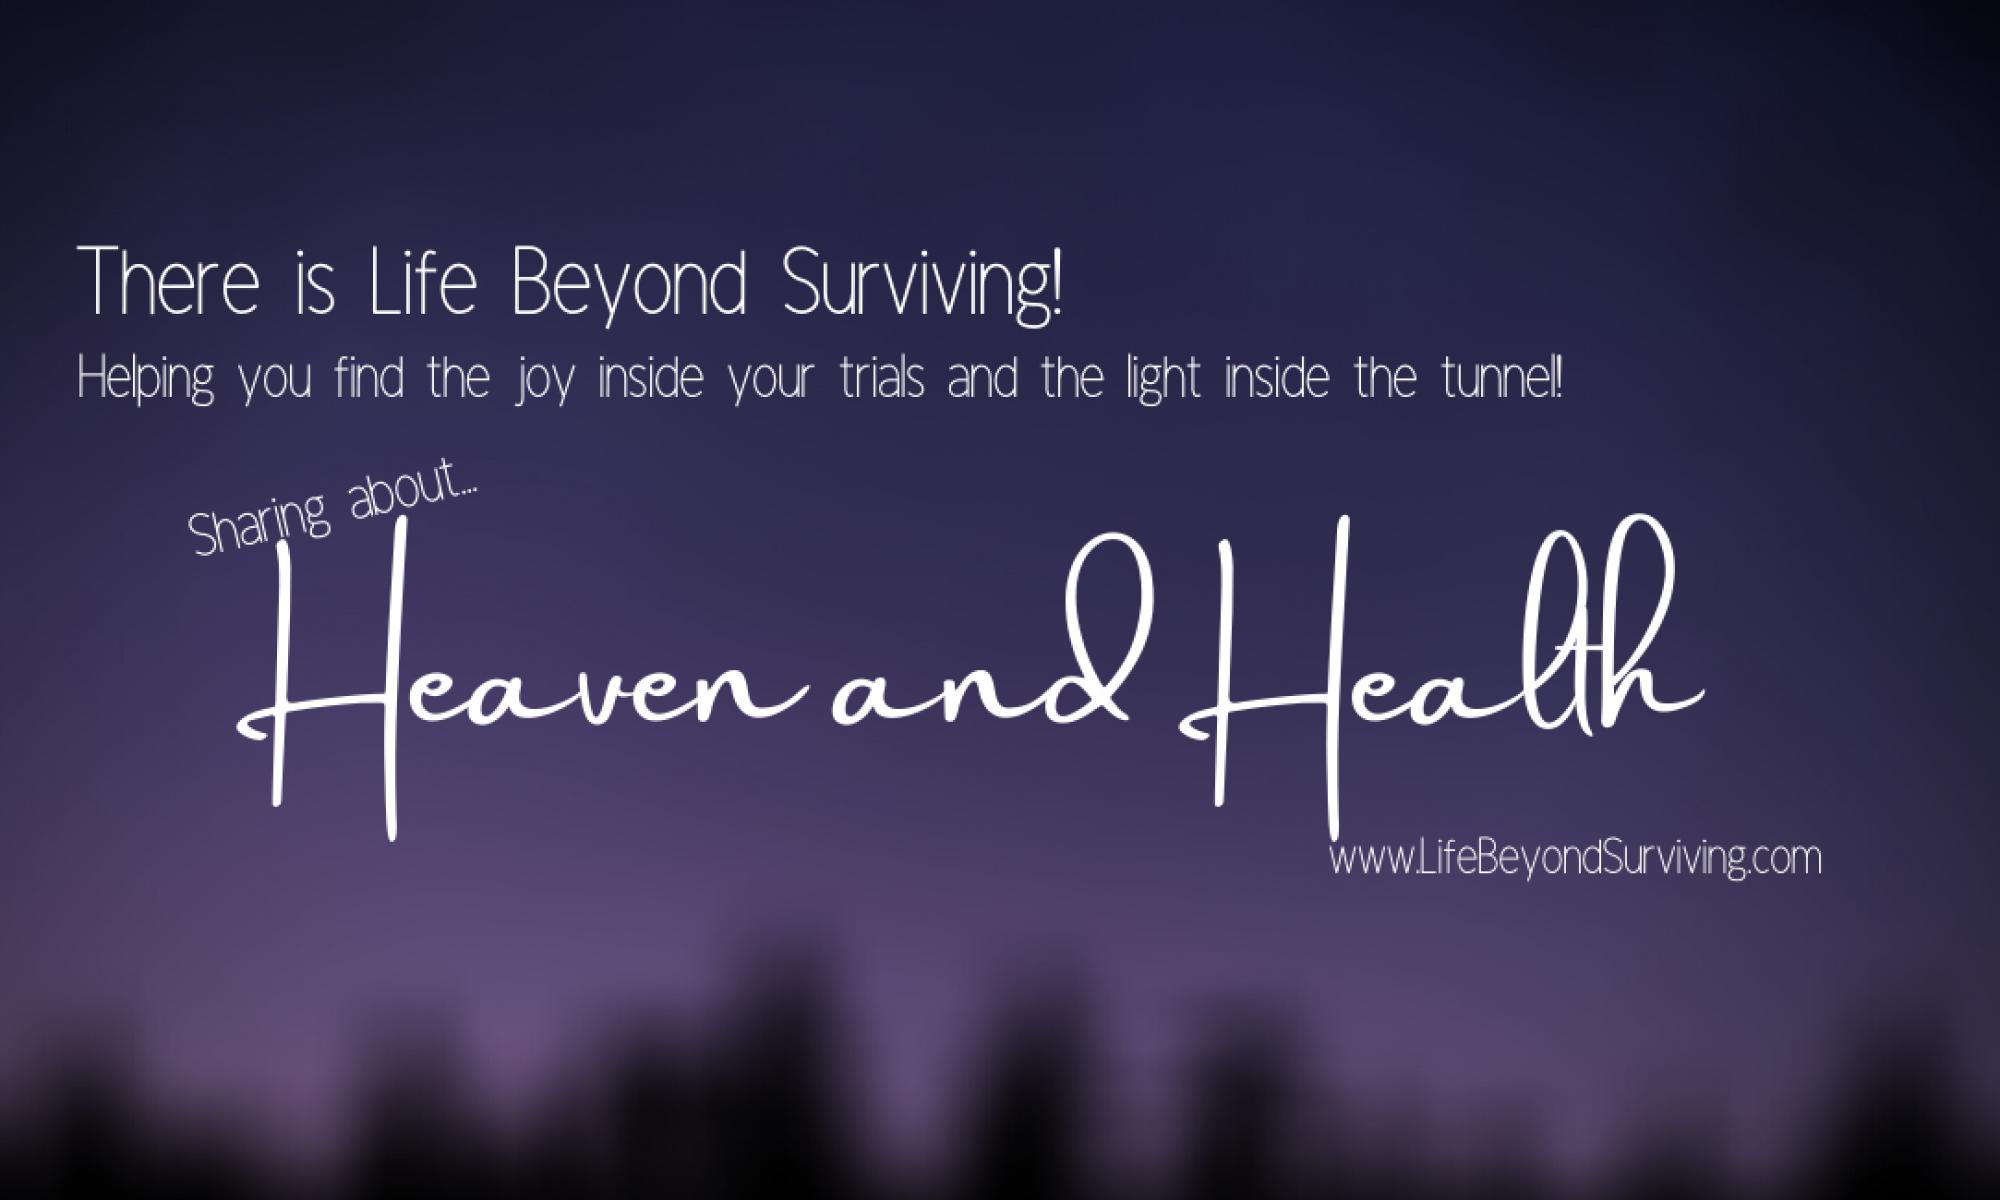 Life Beyond Surviving